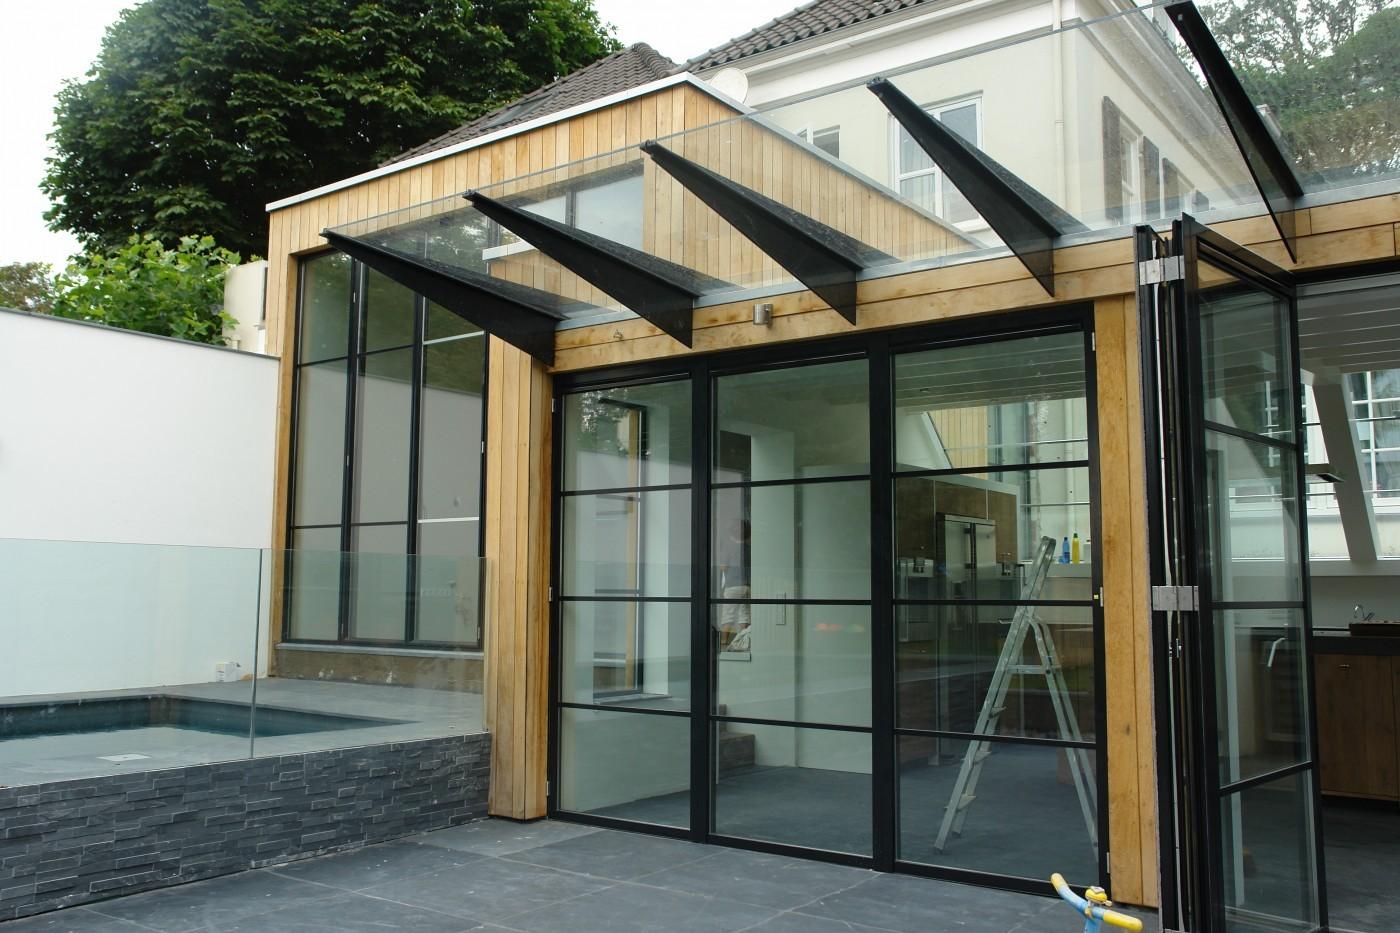 Het ontwerp zorgt voor volop daglicht toetreding door de glasgevels.